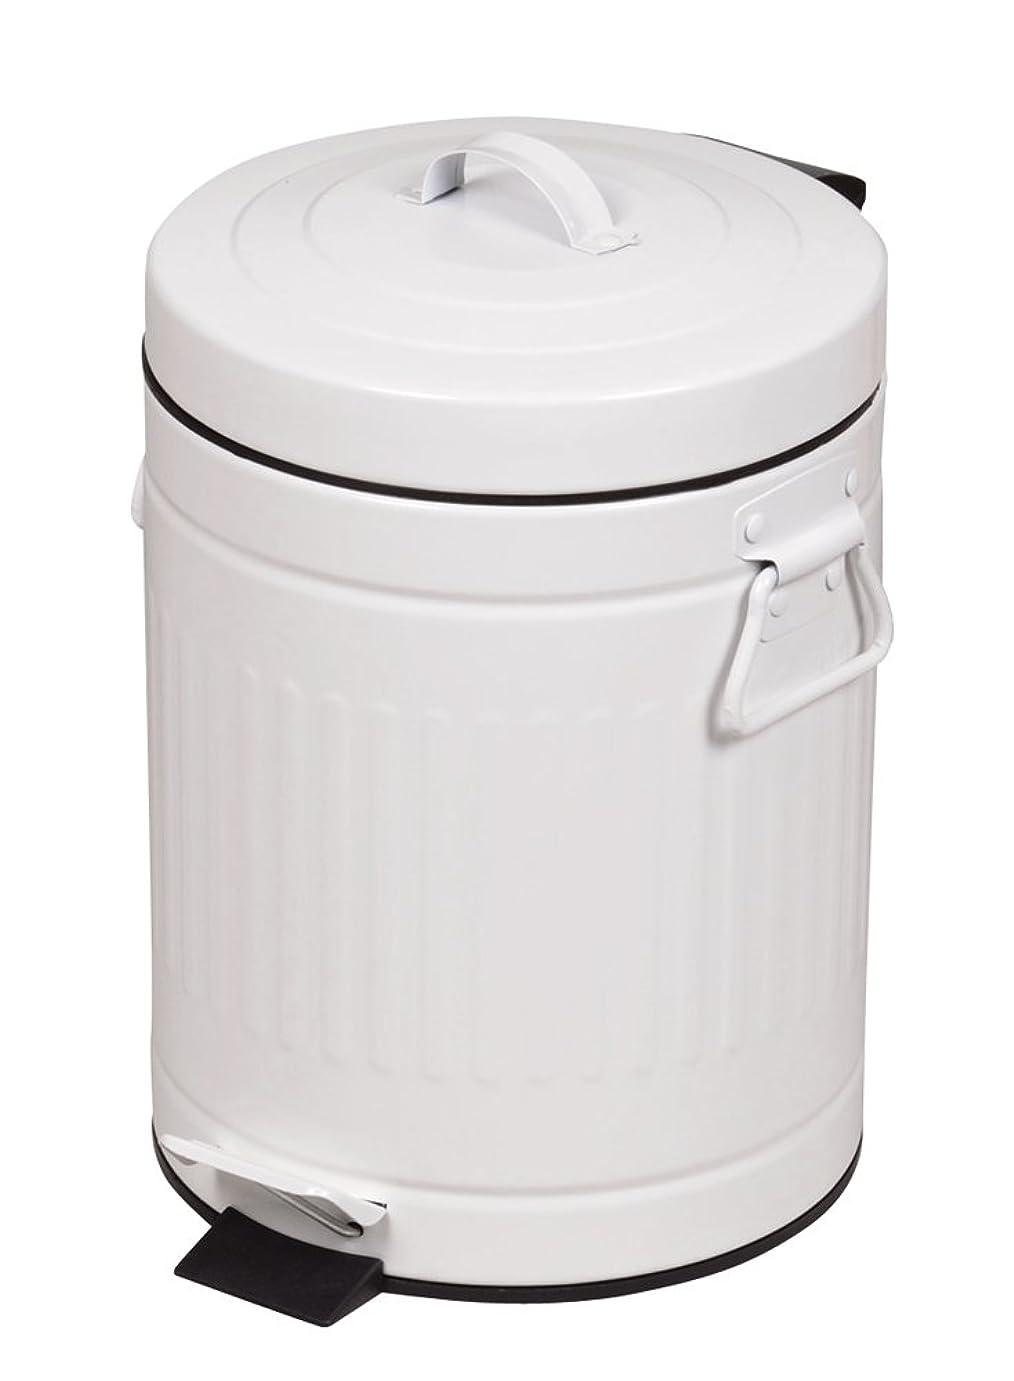 印刷する億うねるパール金属 ゴミ箱 ふた付き ペダル ペール 5L クラウス ホワイト HB-2217